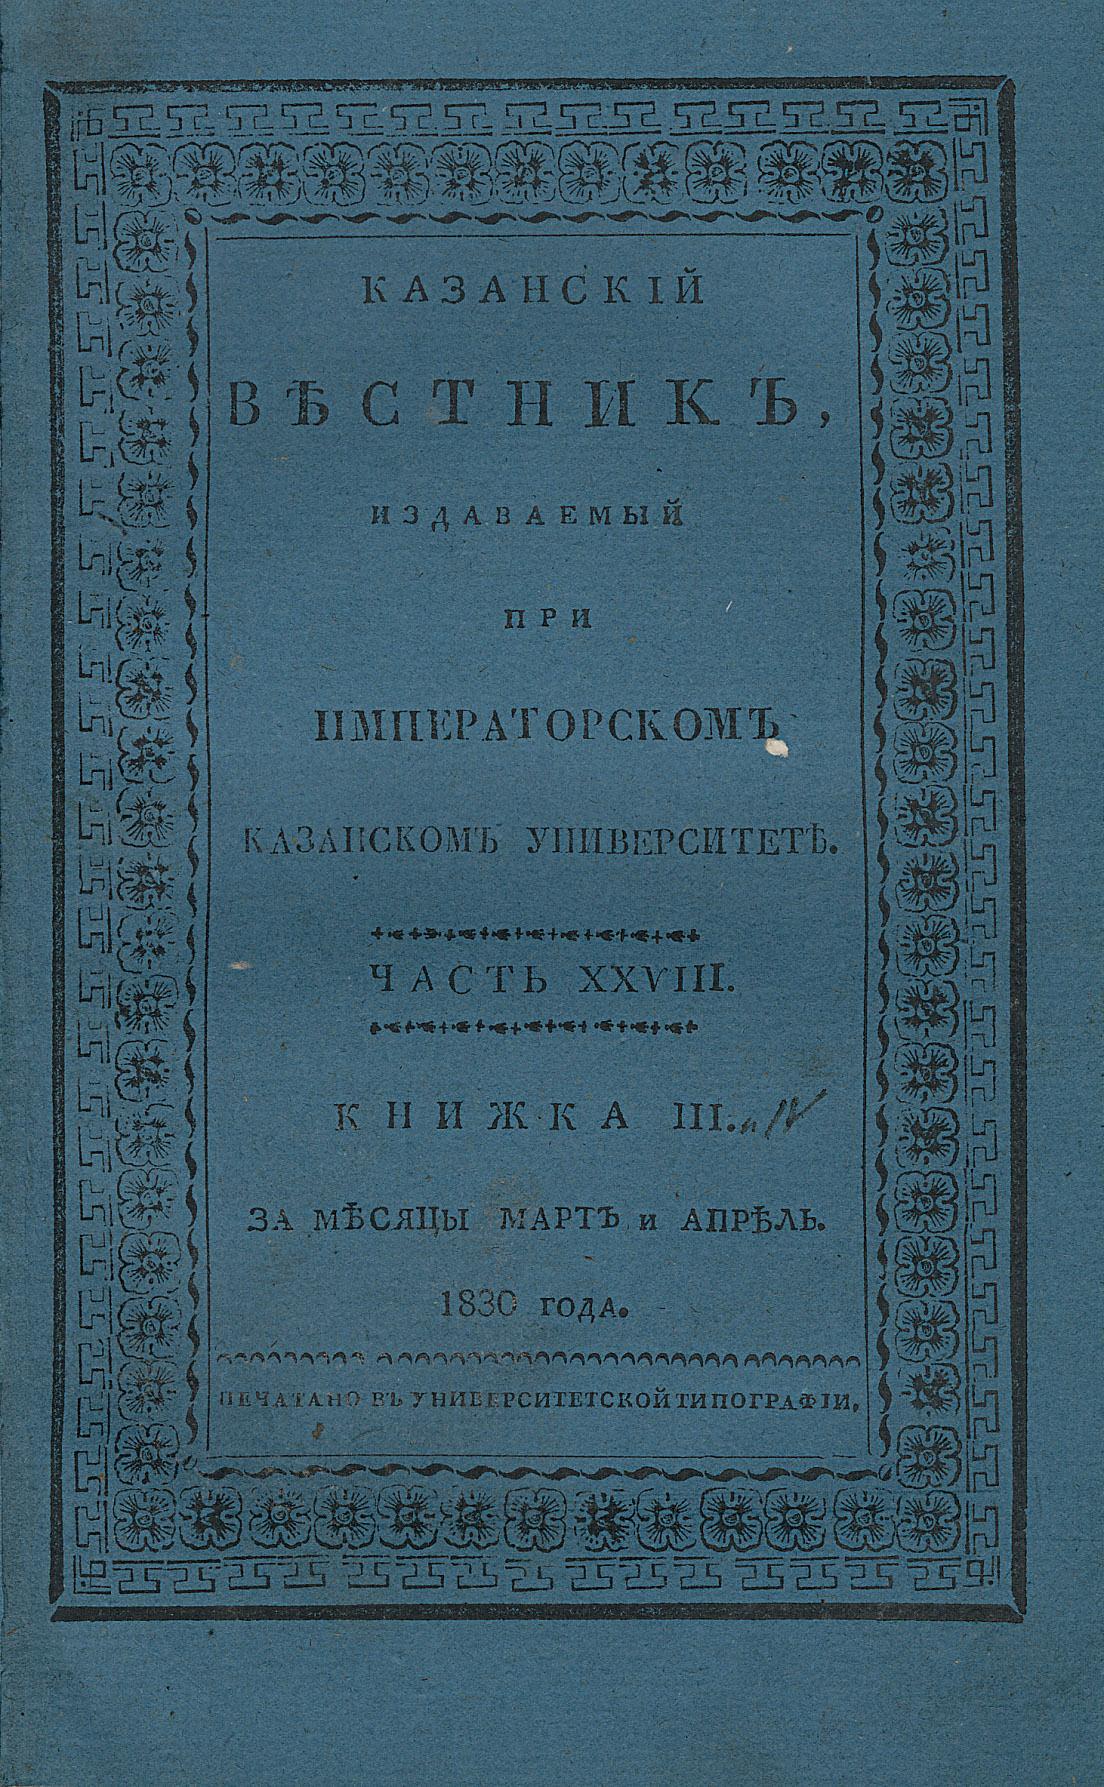 LOBACHEVSKII, Nicolai Ivanovit